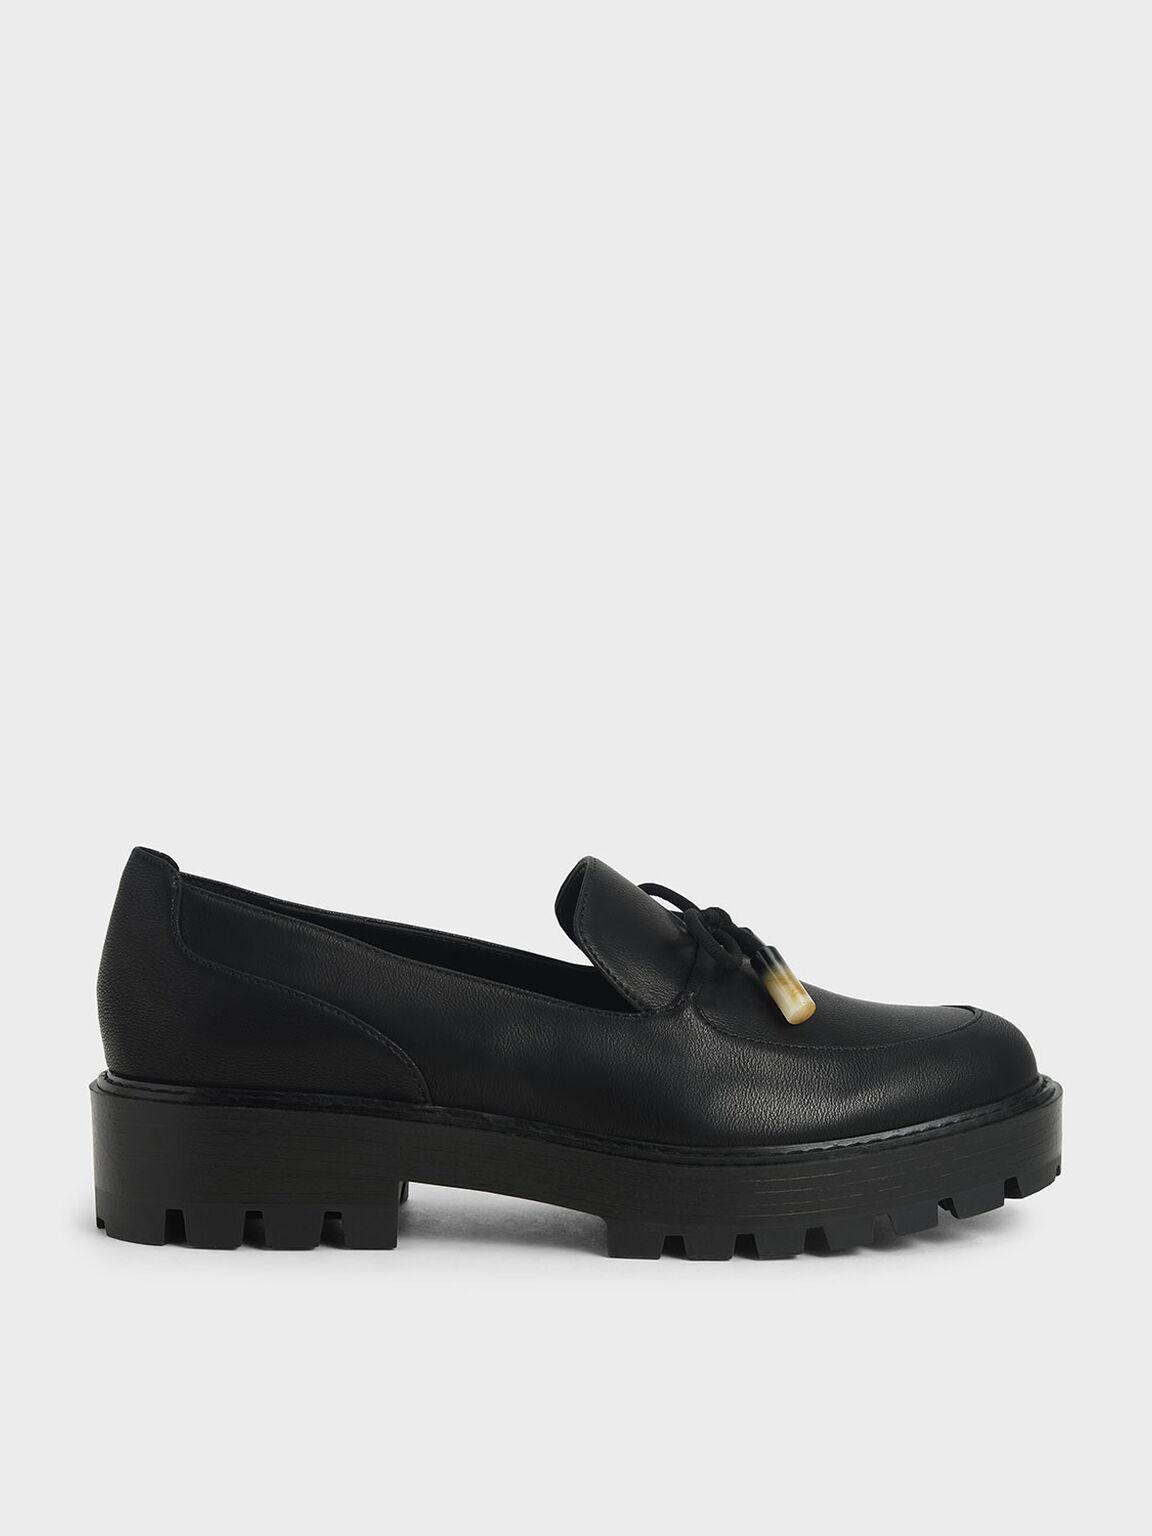 蝴蝶結厚底樂福鞋, 黑色, hi-res